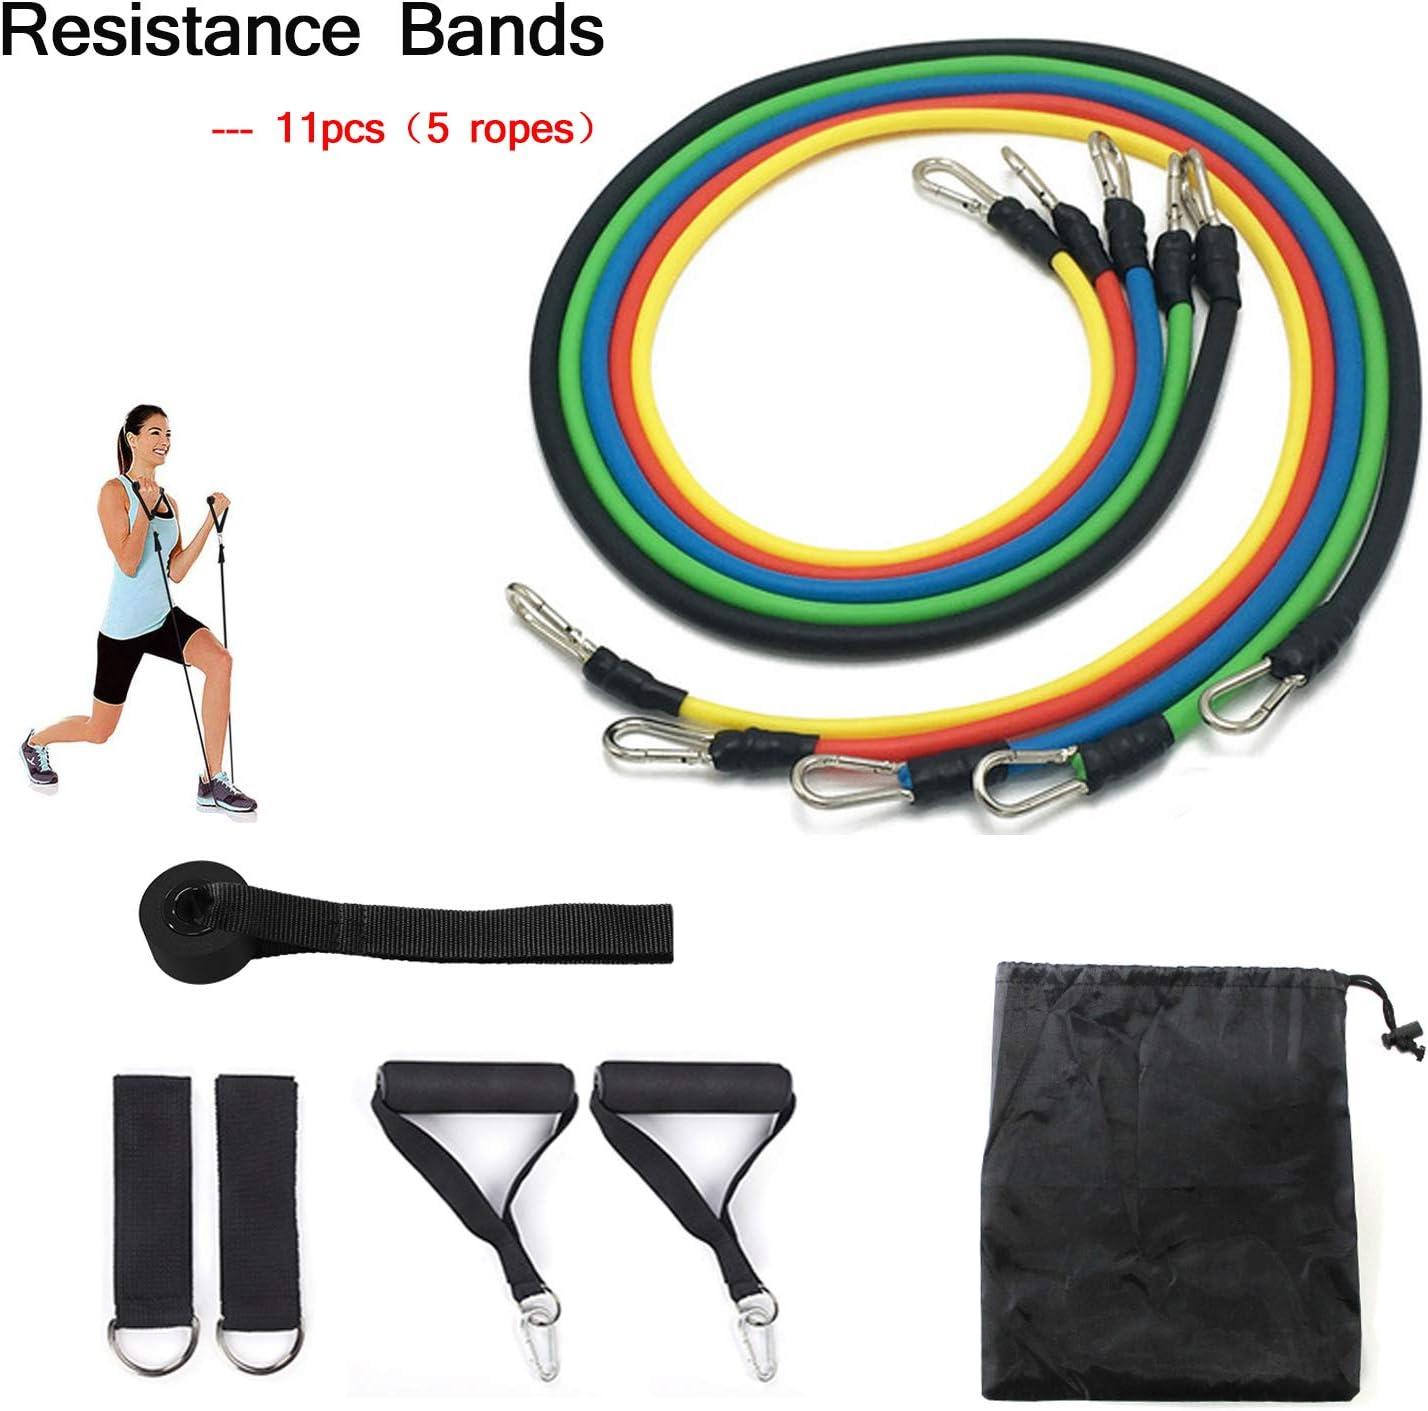 KEPEAK 11 Piezas Juego de Ejercicios, Bandas de Resistencia al Ejercicio, Entrenamiento de Resistencia para Yoga/Pilates, Equipo de Gimnasio para Hombres/Mujeres para Piernas/Glúteos